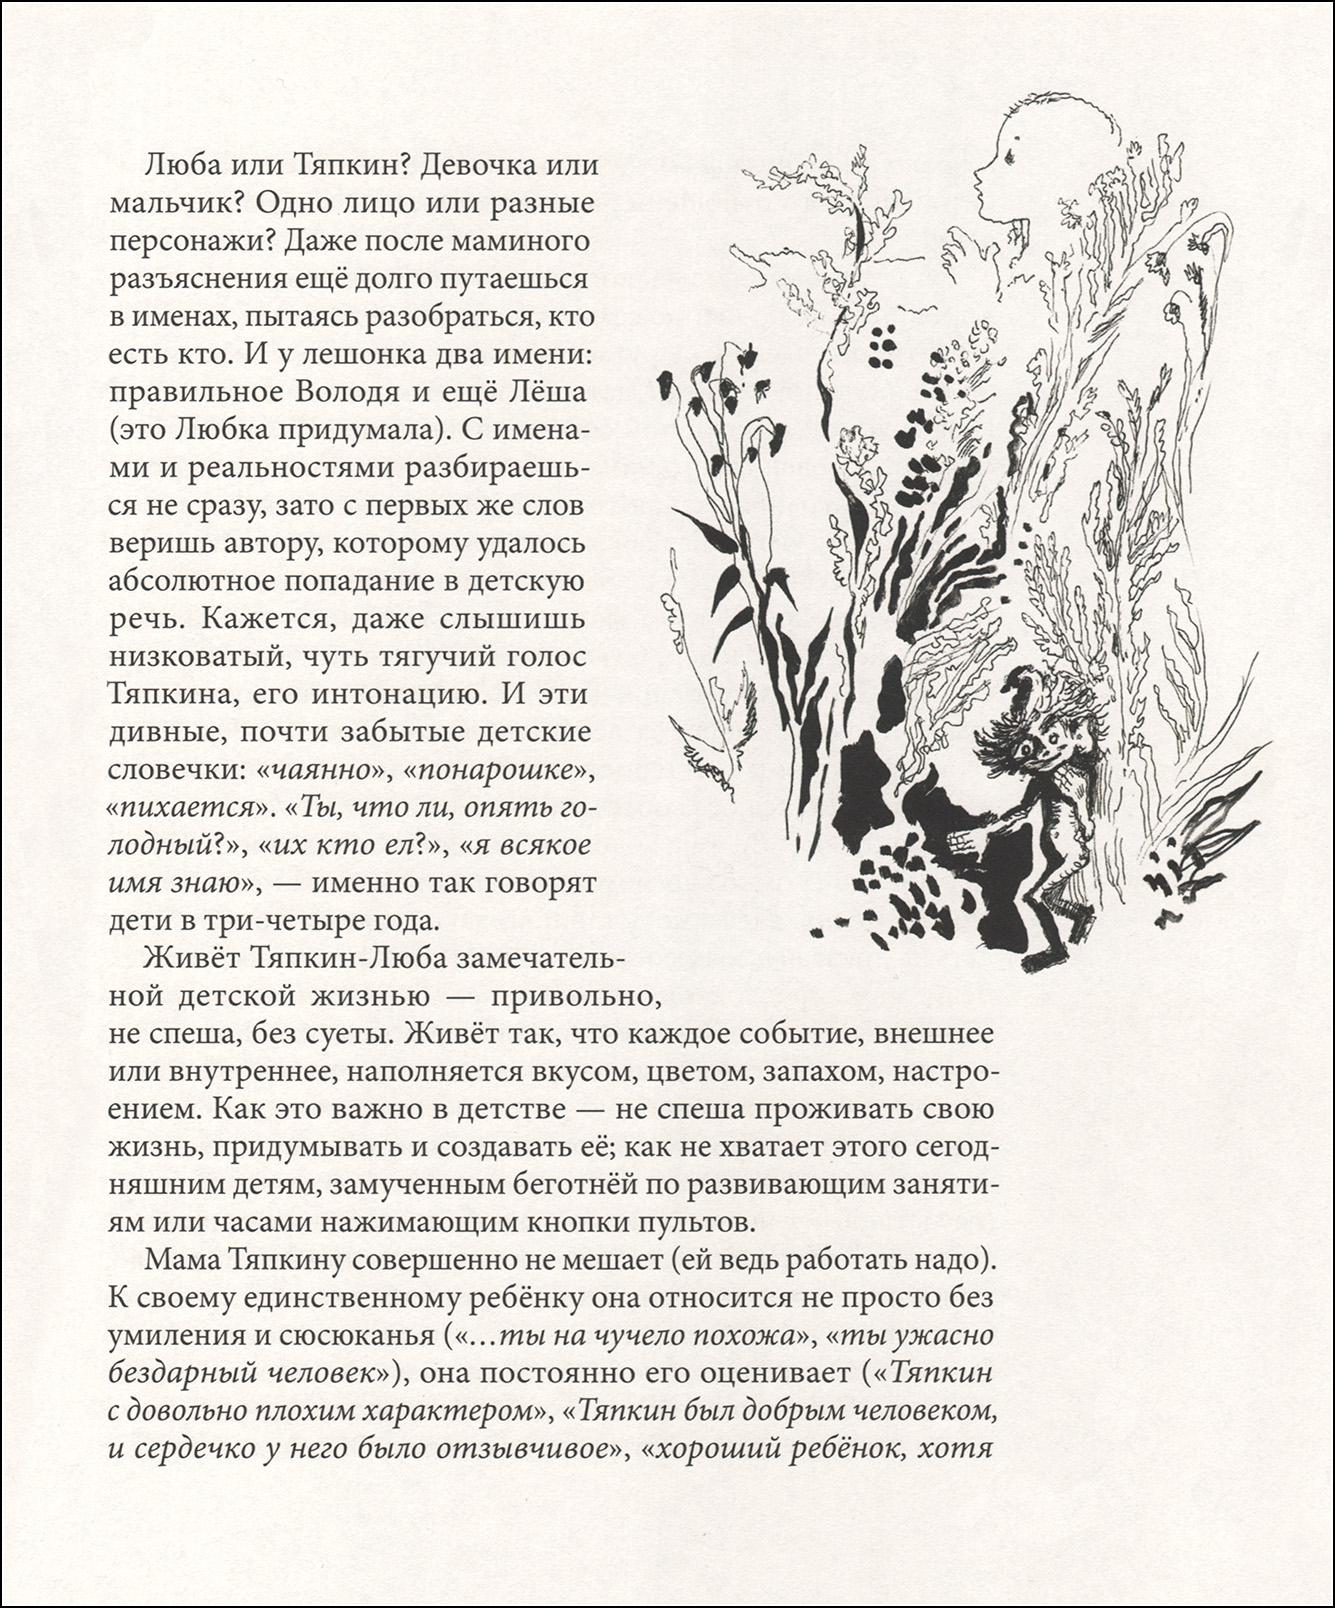 Ника Гольц, Тяпкин и Леша